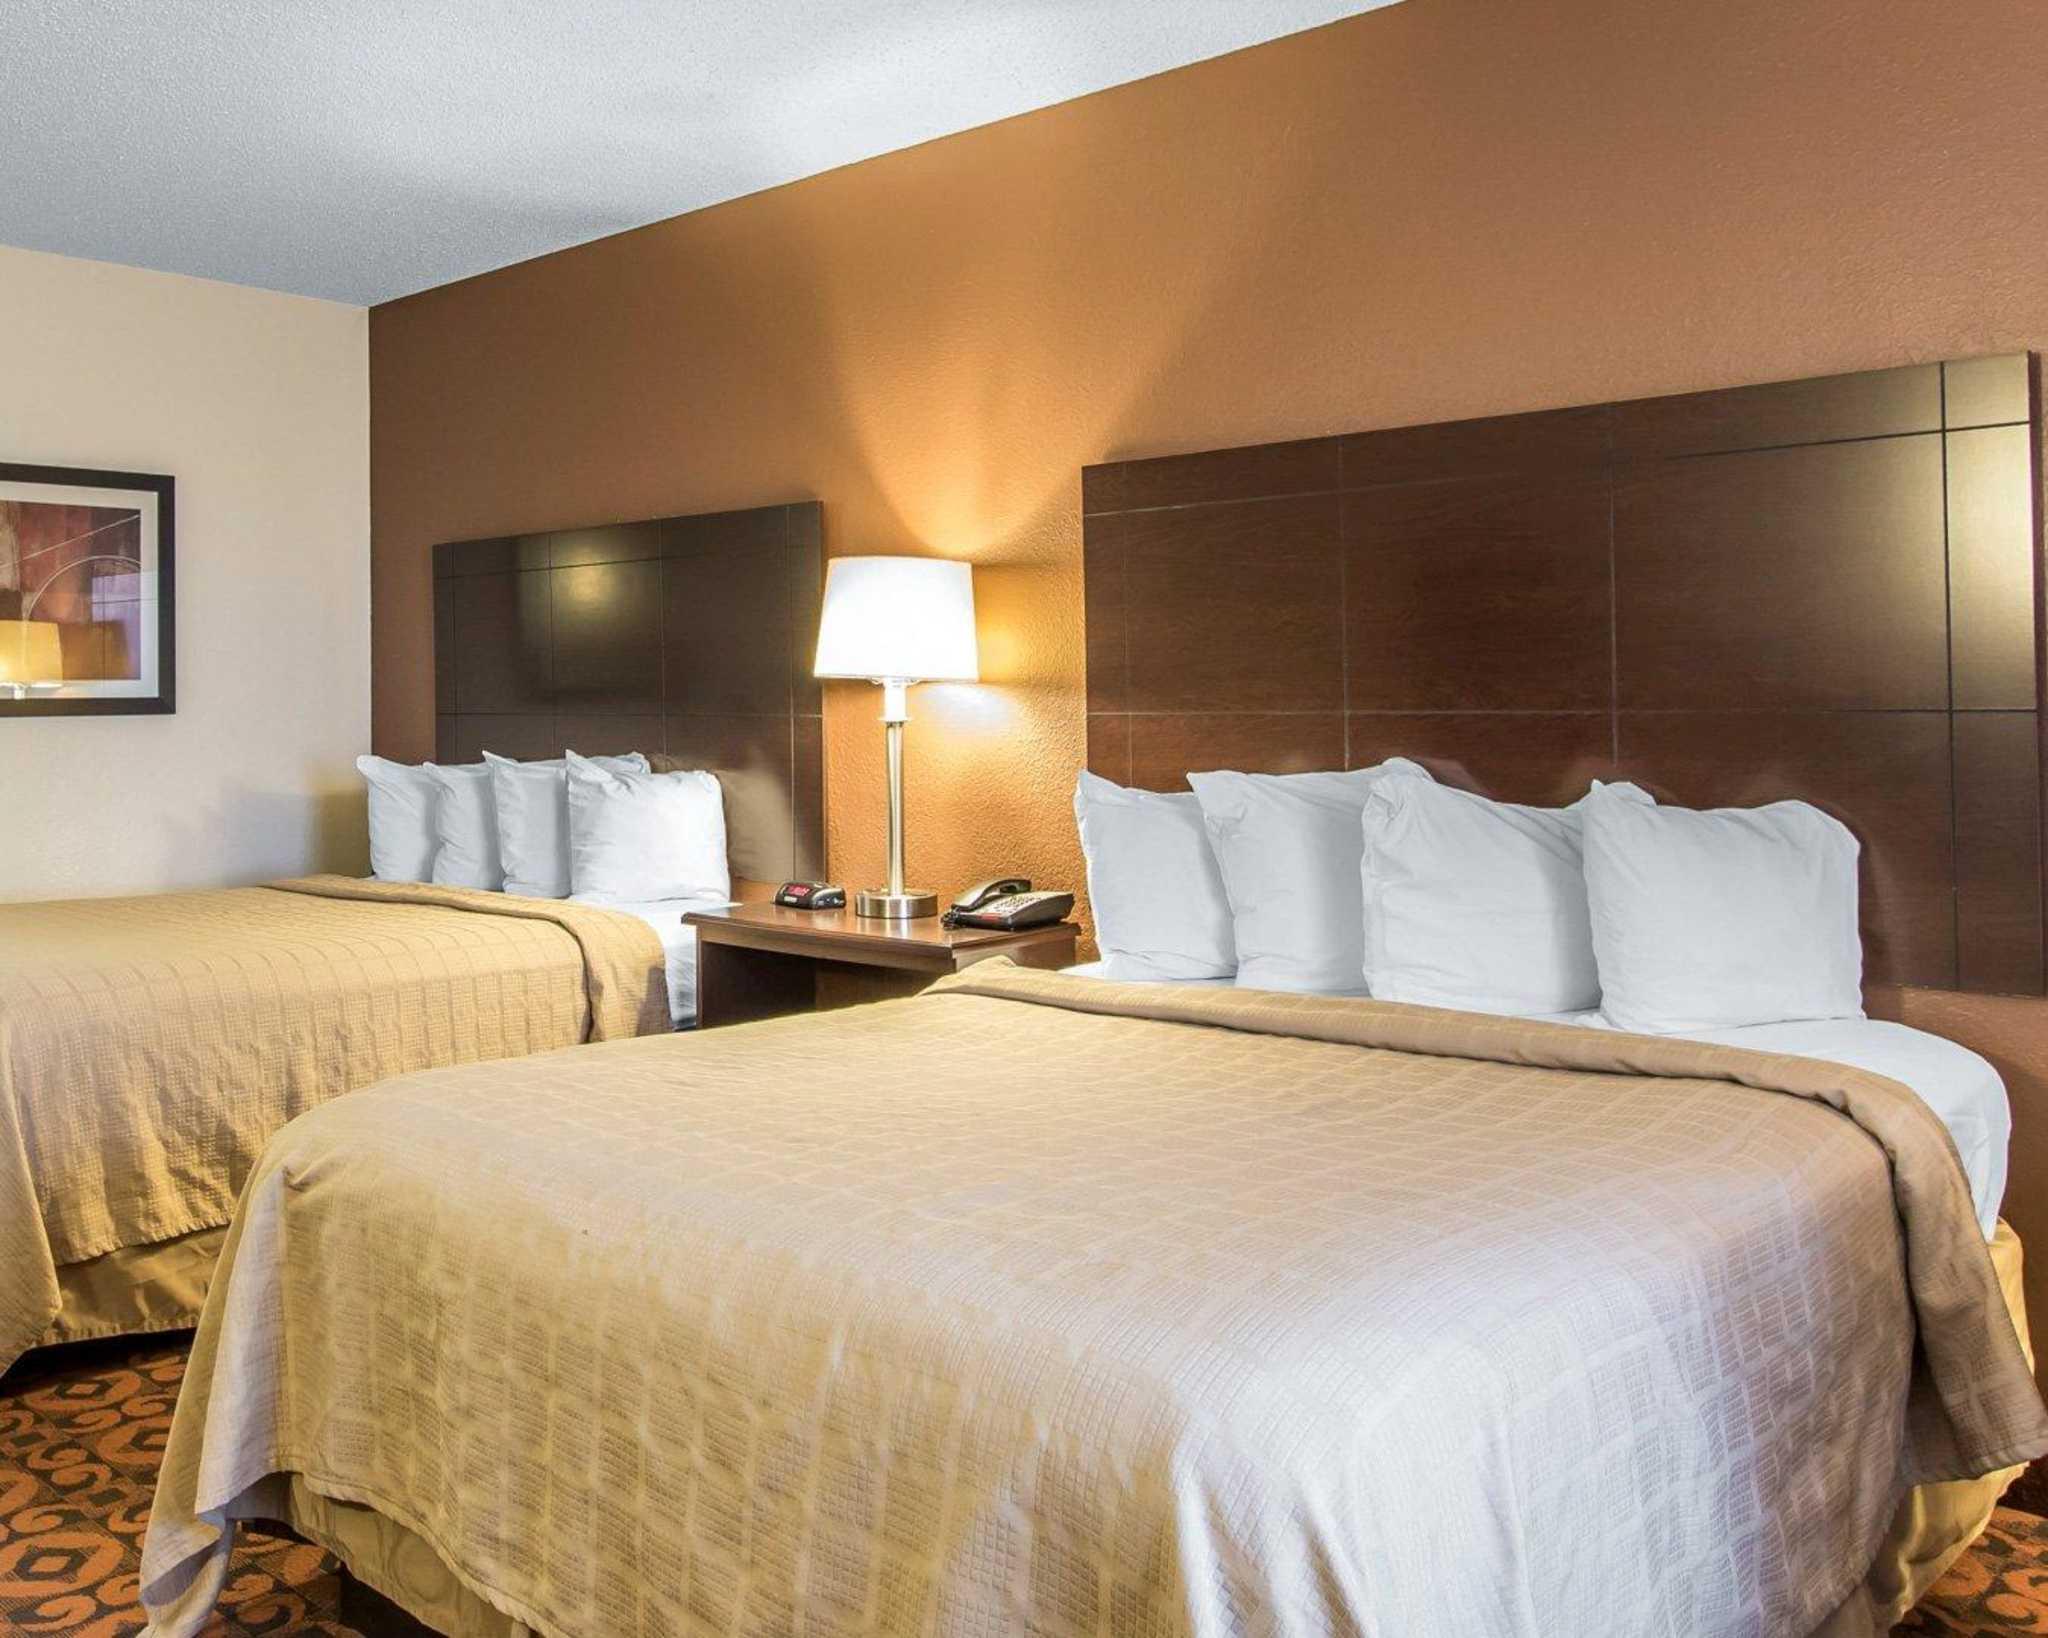 Quality Inn & Suites Fairgrounds West image 15